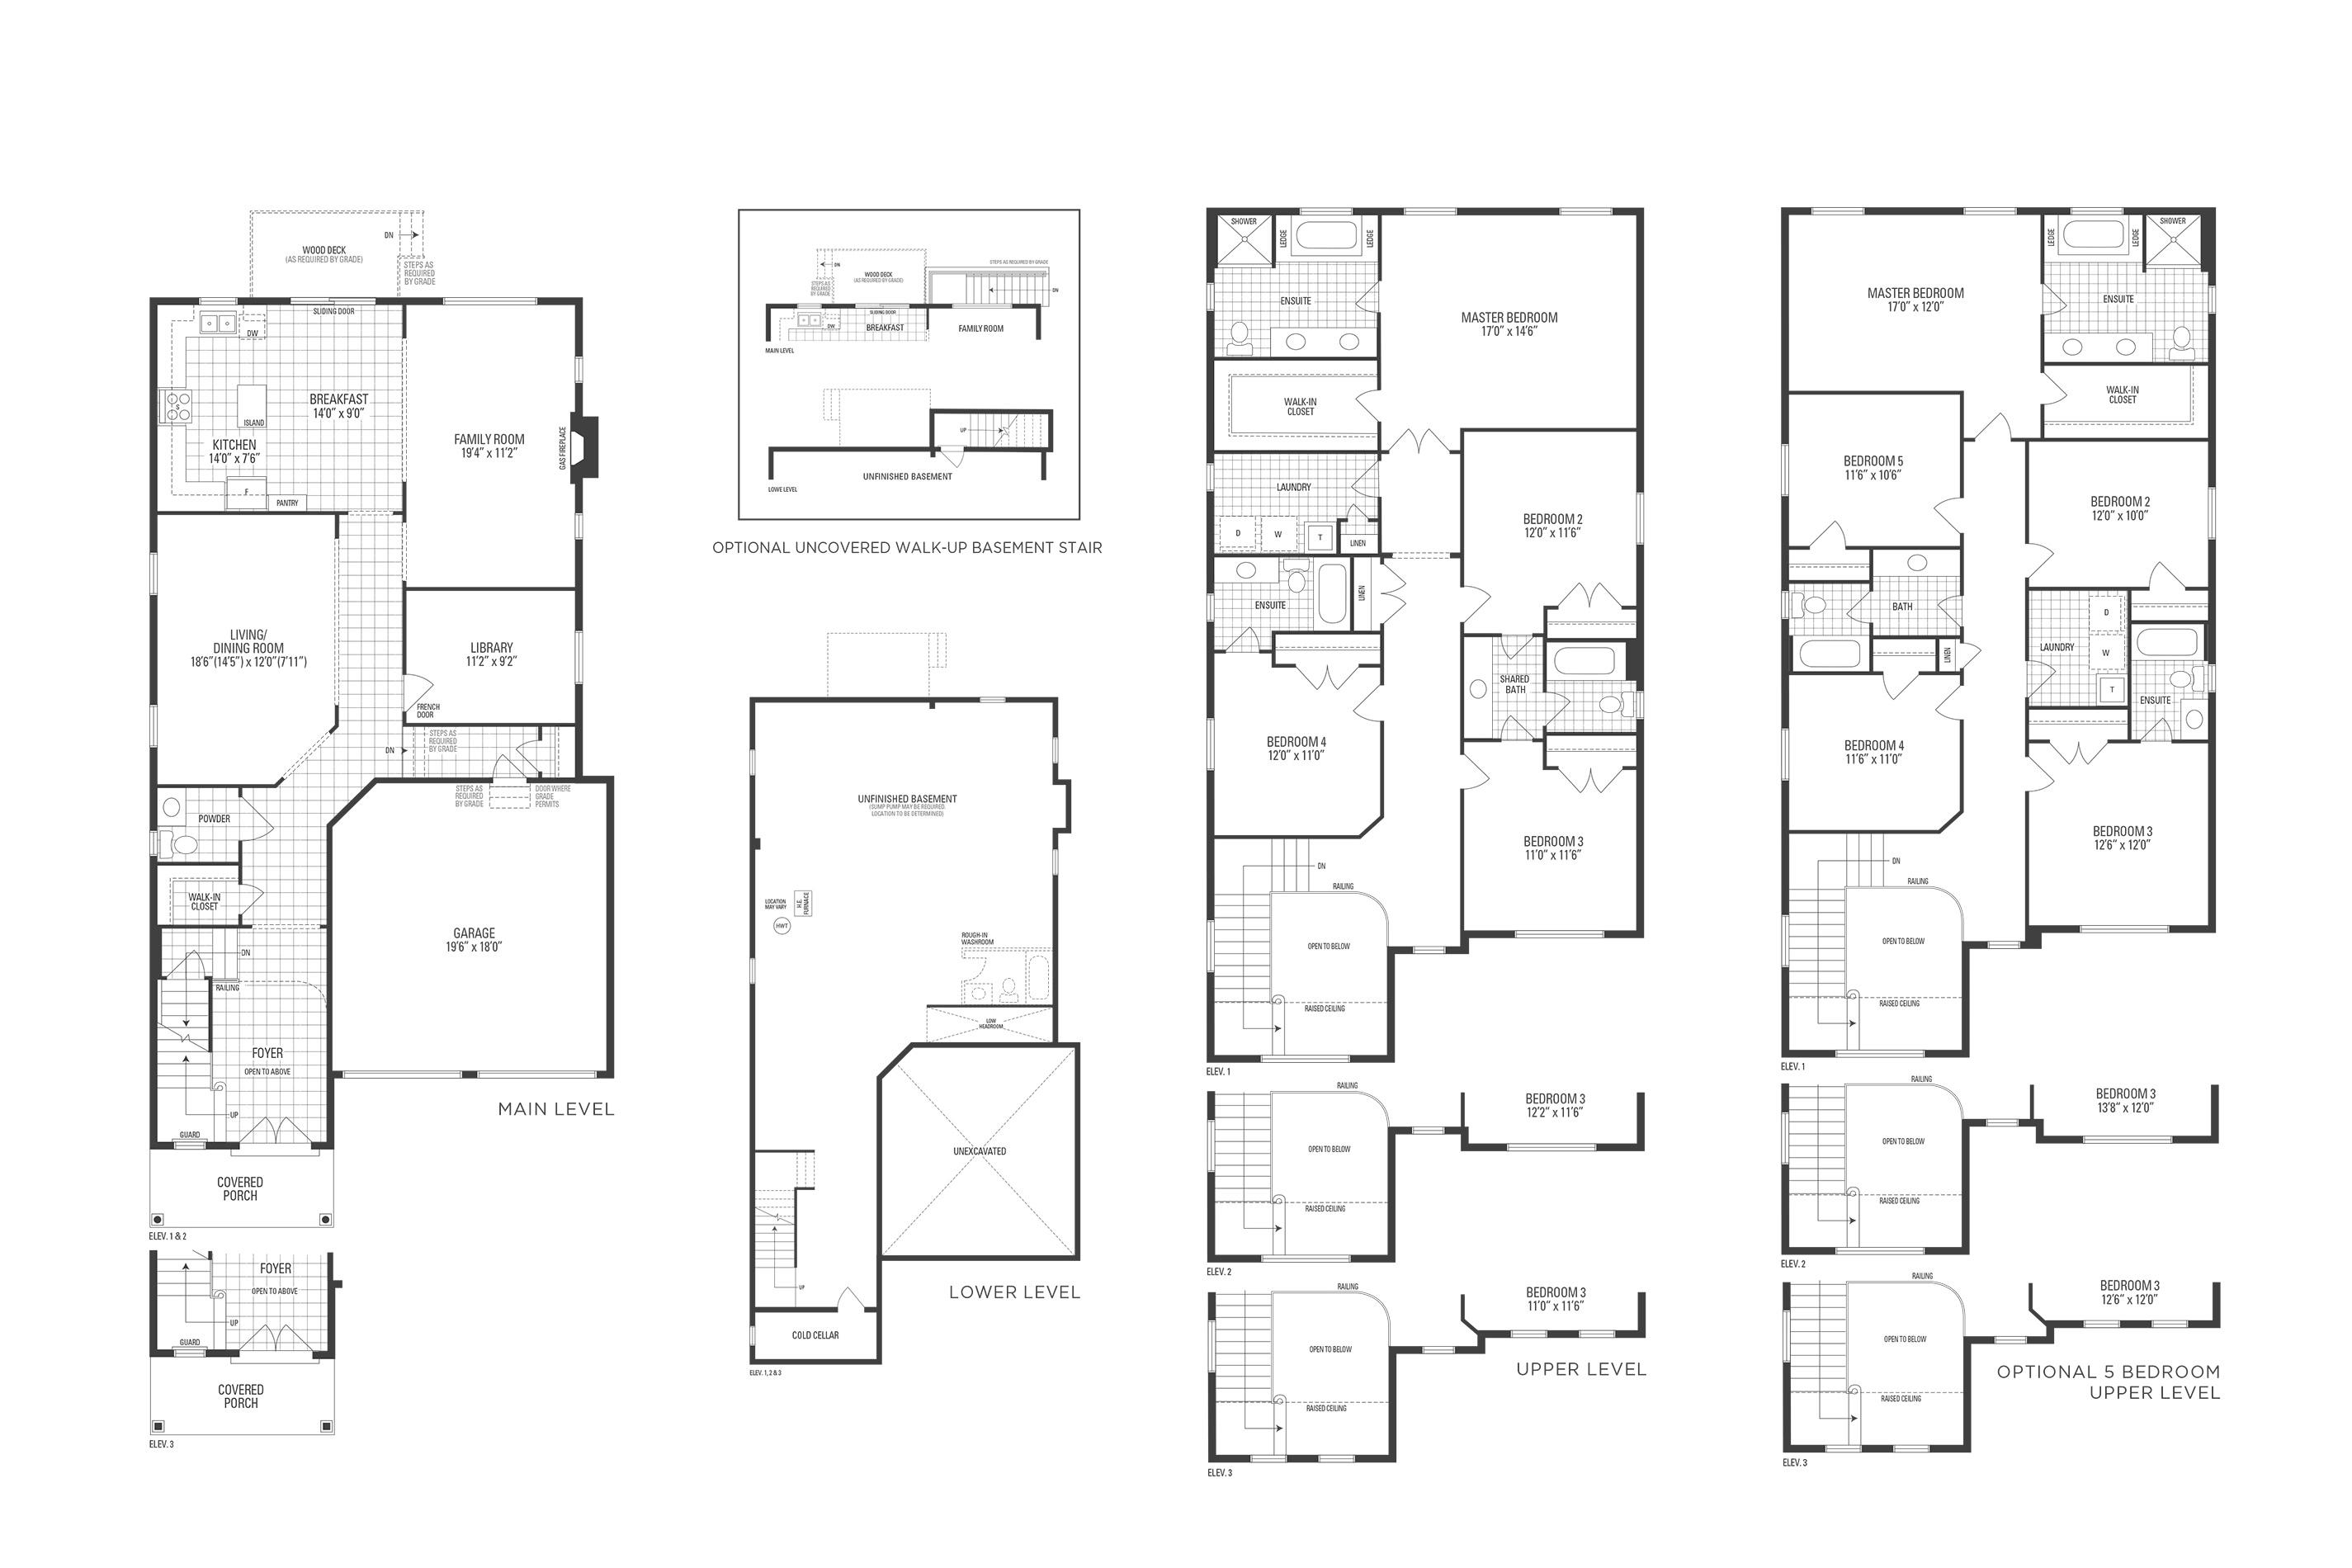 Huntington 05 Elev. 2 Floorplan